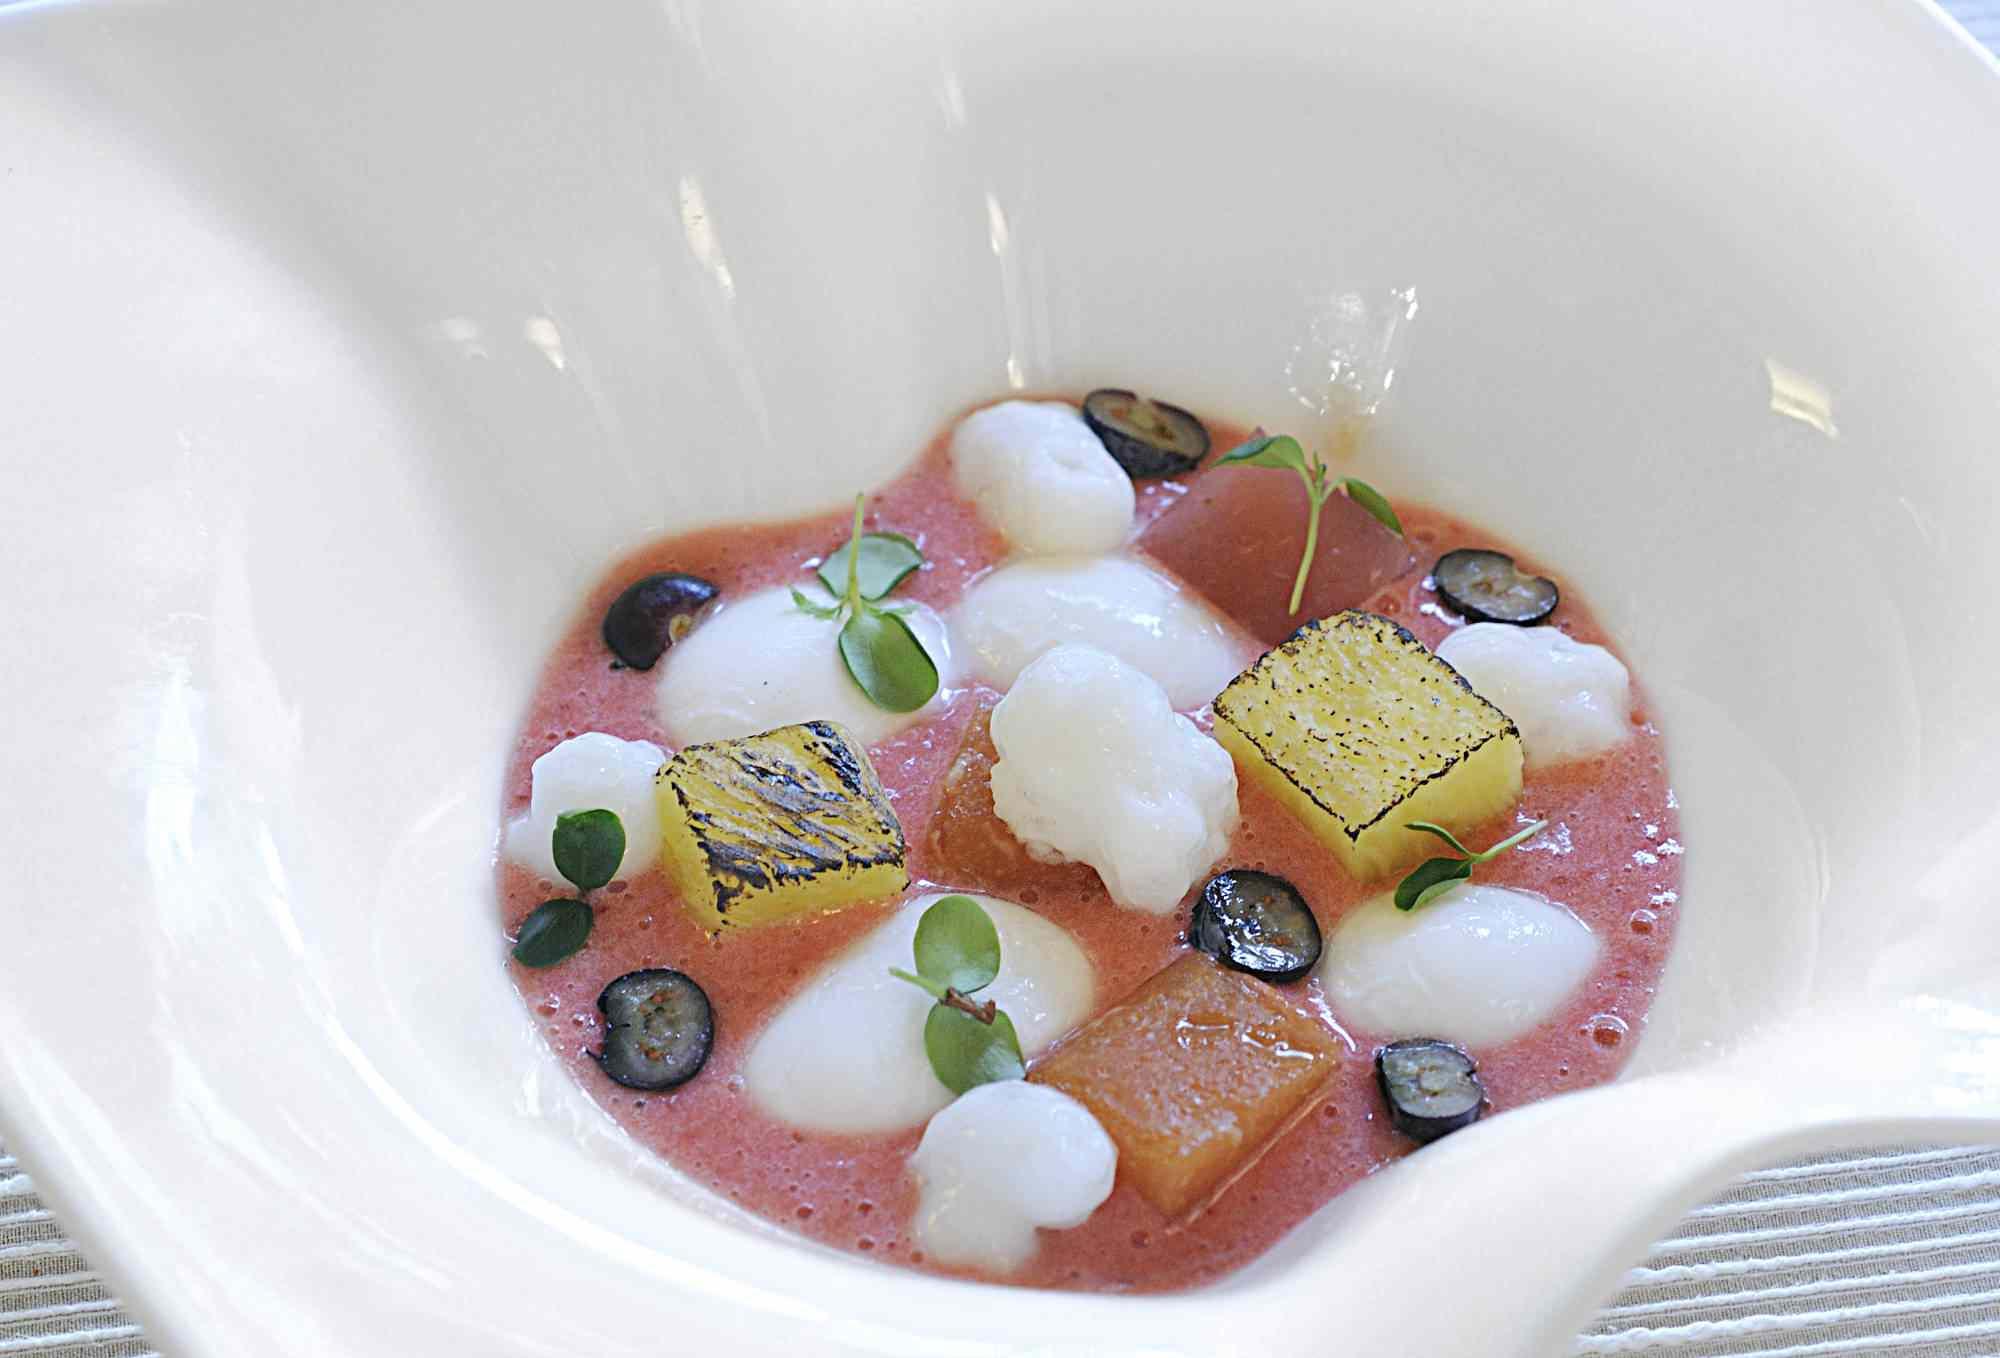 Artfully plated dessert at Ristorante Miky, Monterosso al Mare